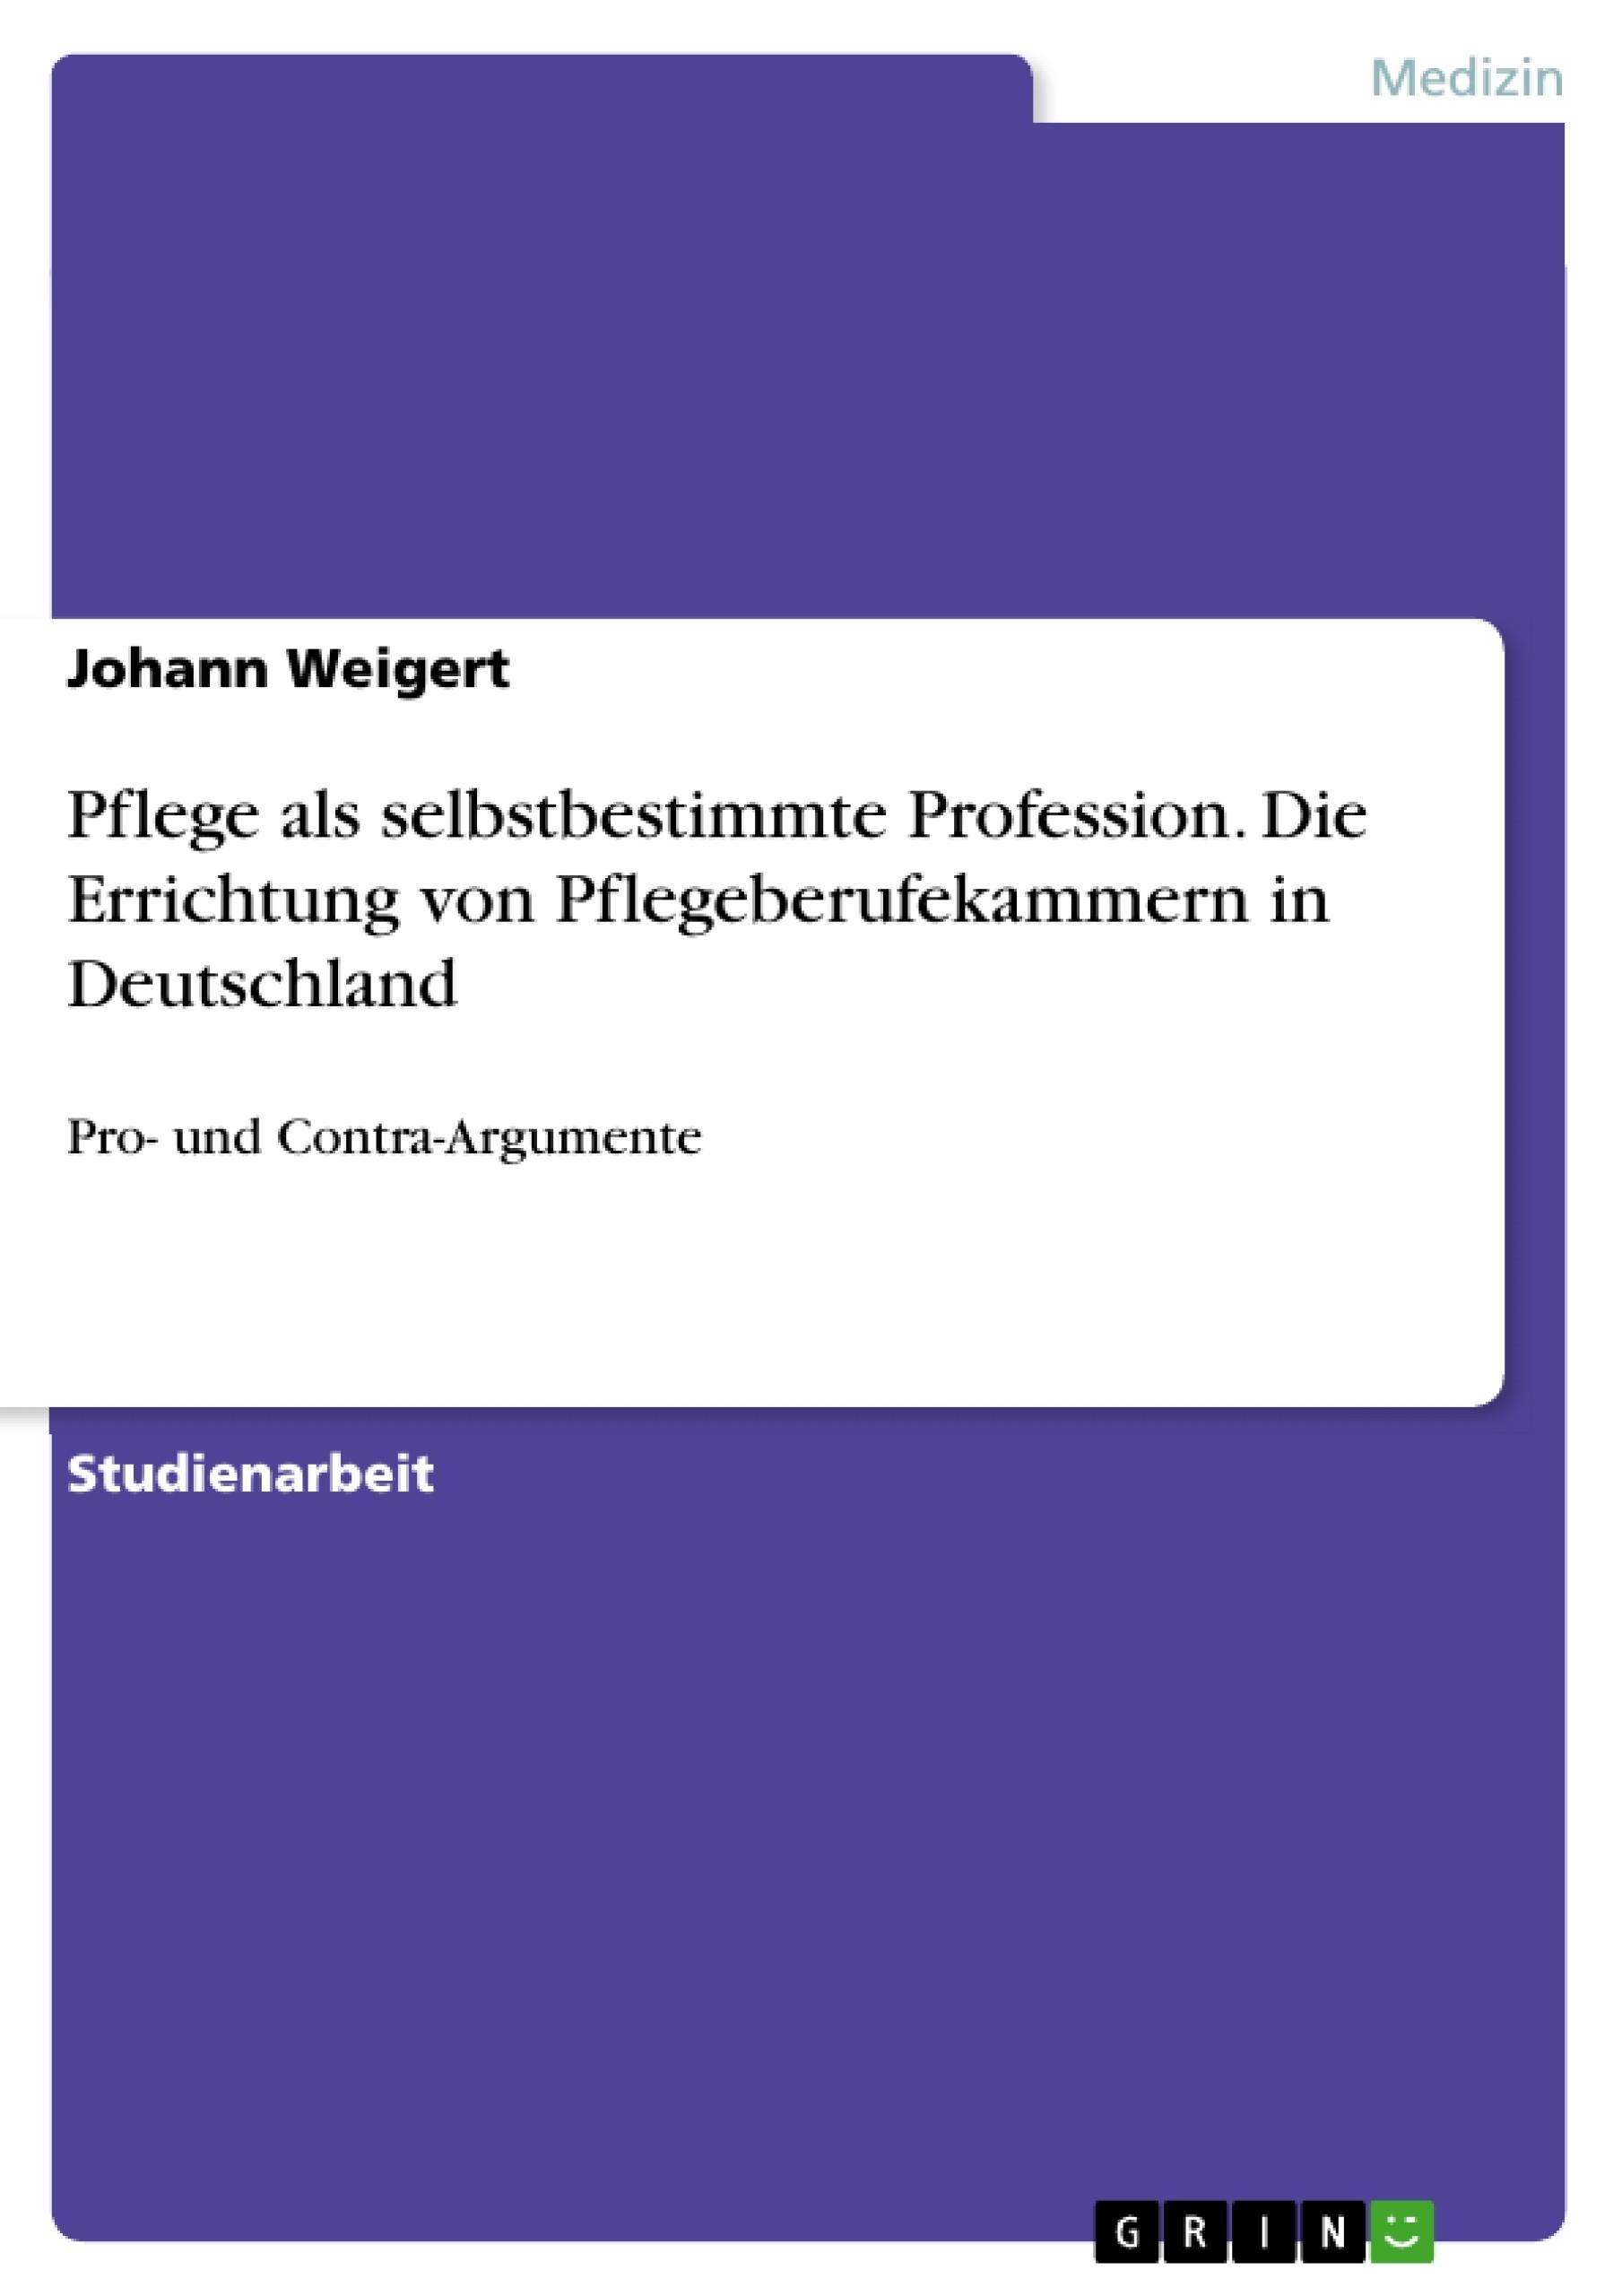 Titel: Pflege als selbstbestimmte Profession. Die Errichtung von Pflegeberufekammern in Deutschland